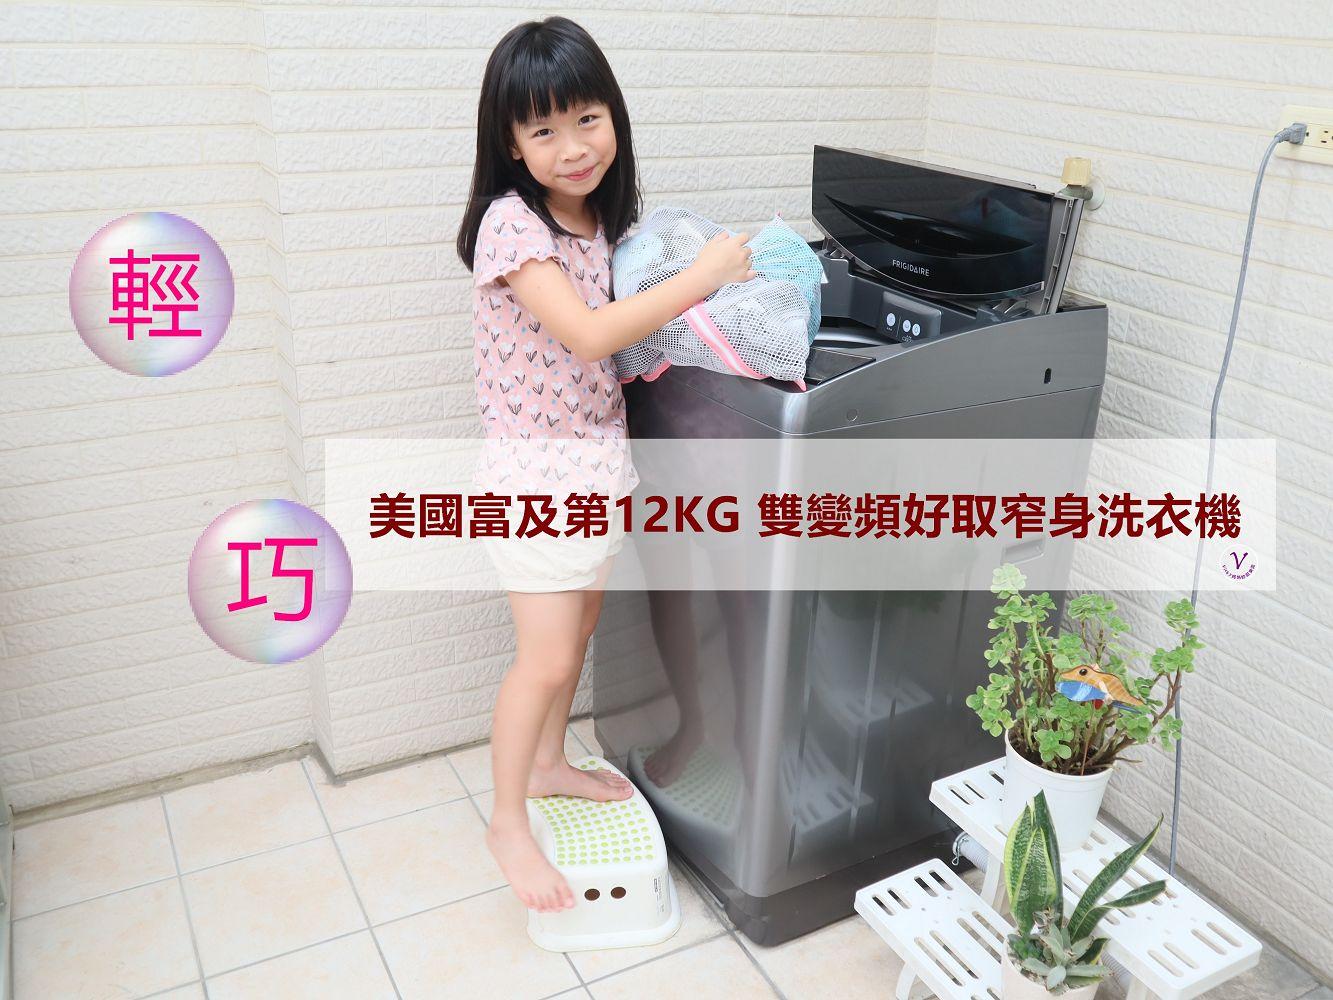 變頻洗衣機推薦︱12KG雙變頻好取窄身洗衣機:省空間,節能省水雙認證,桶風乾功能,有效降低桶身異味,1部也適合孩子高度的洗衣機